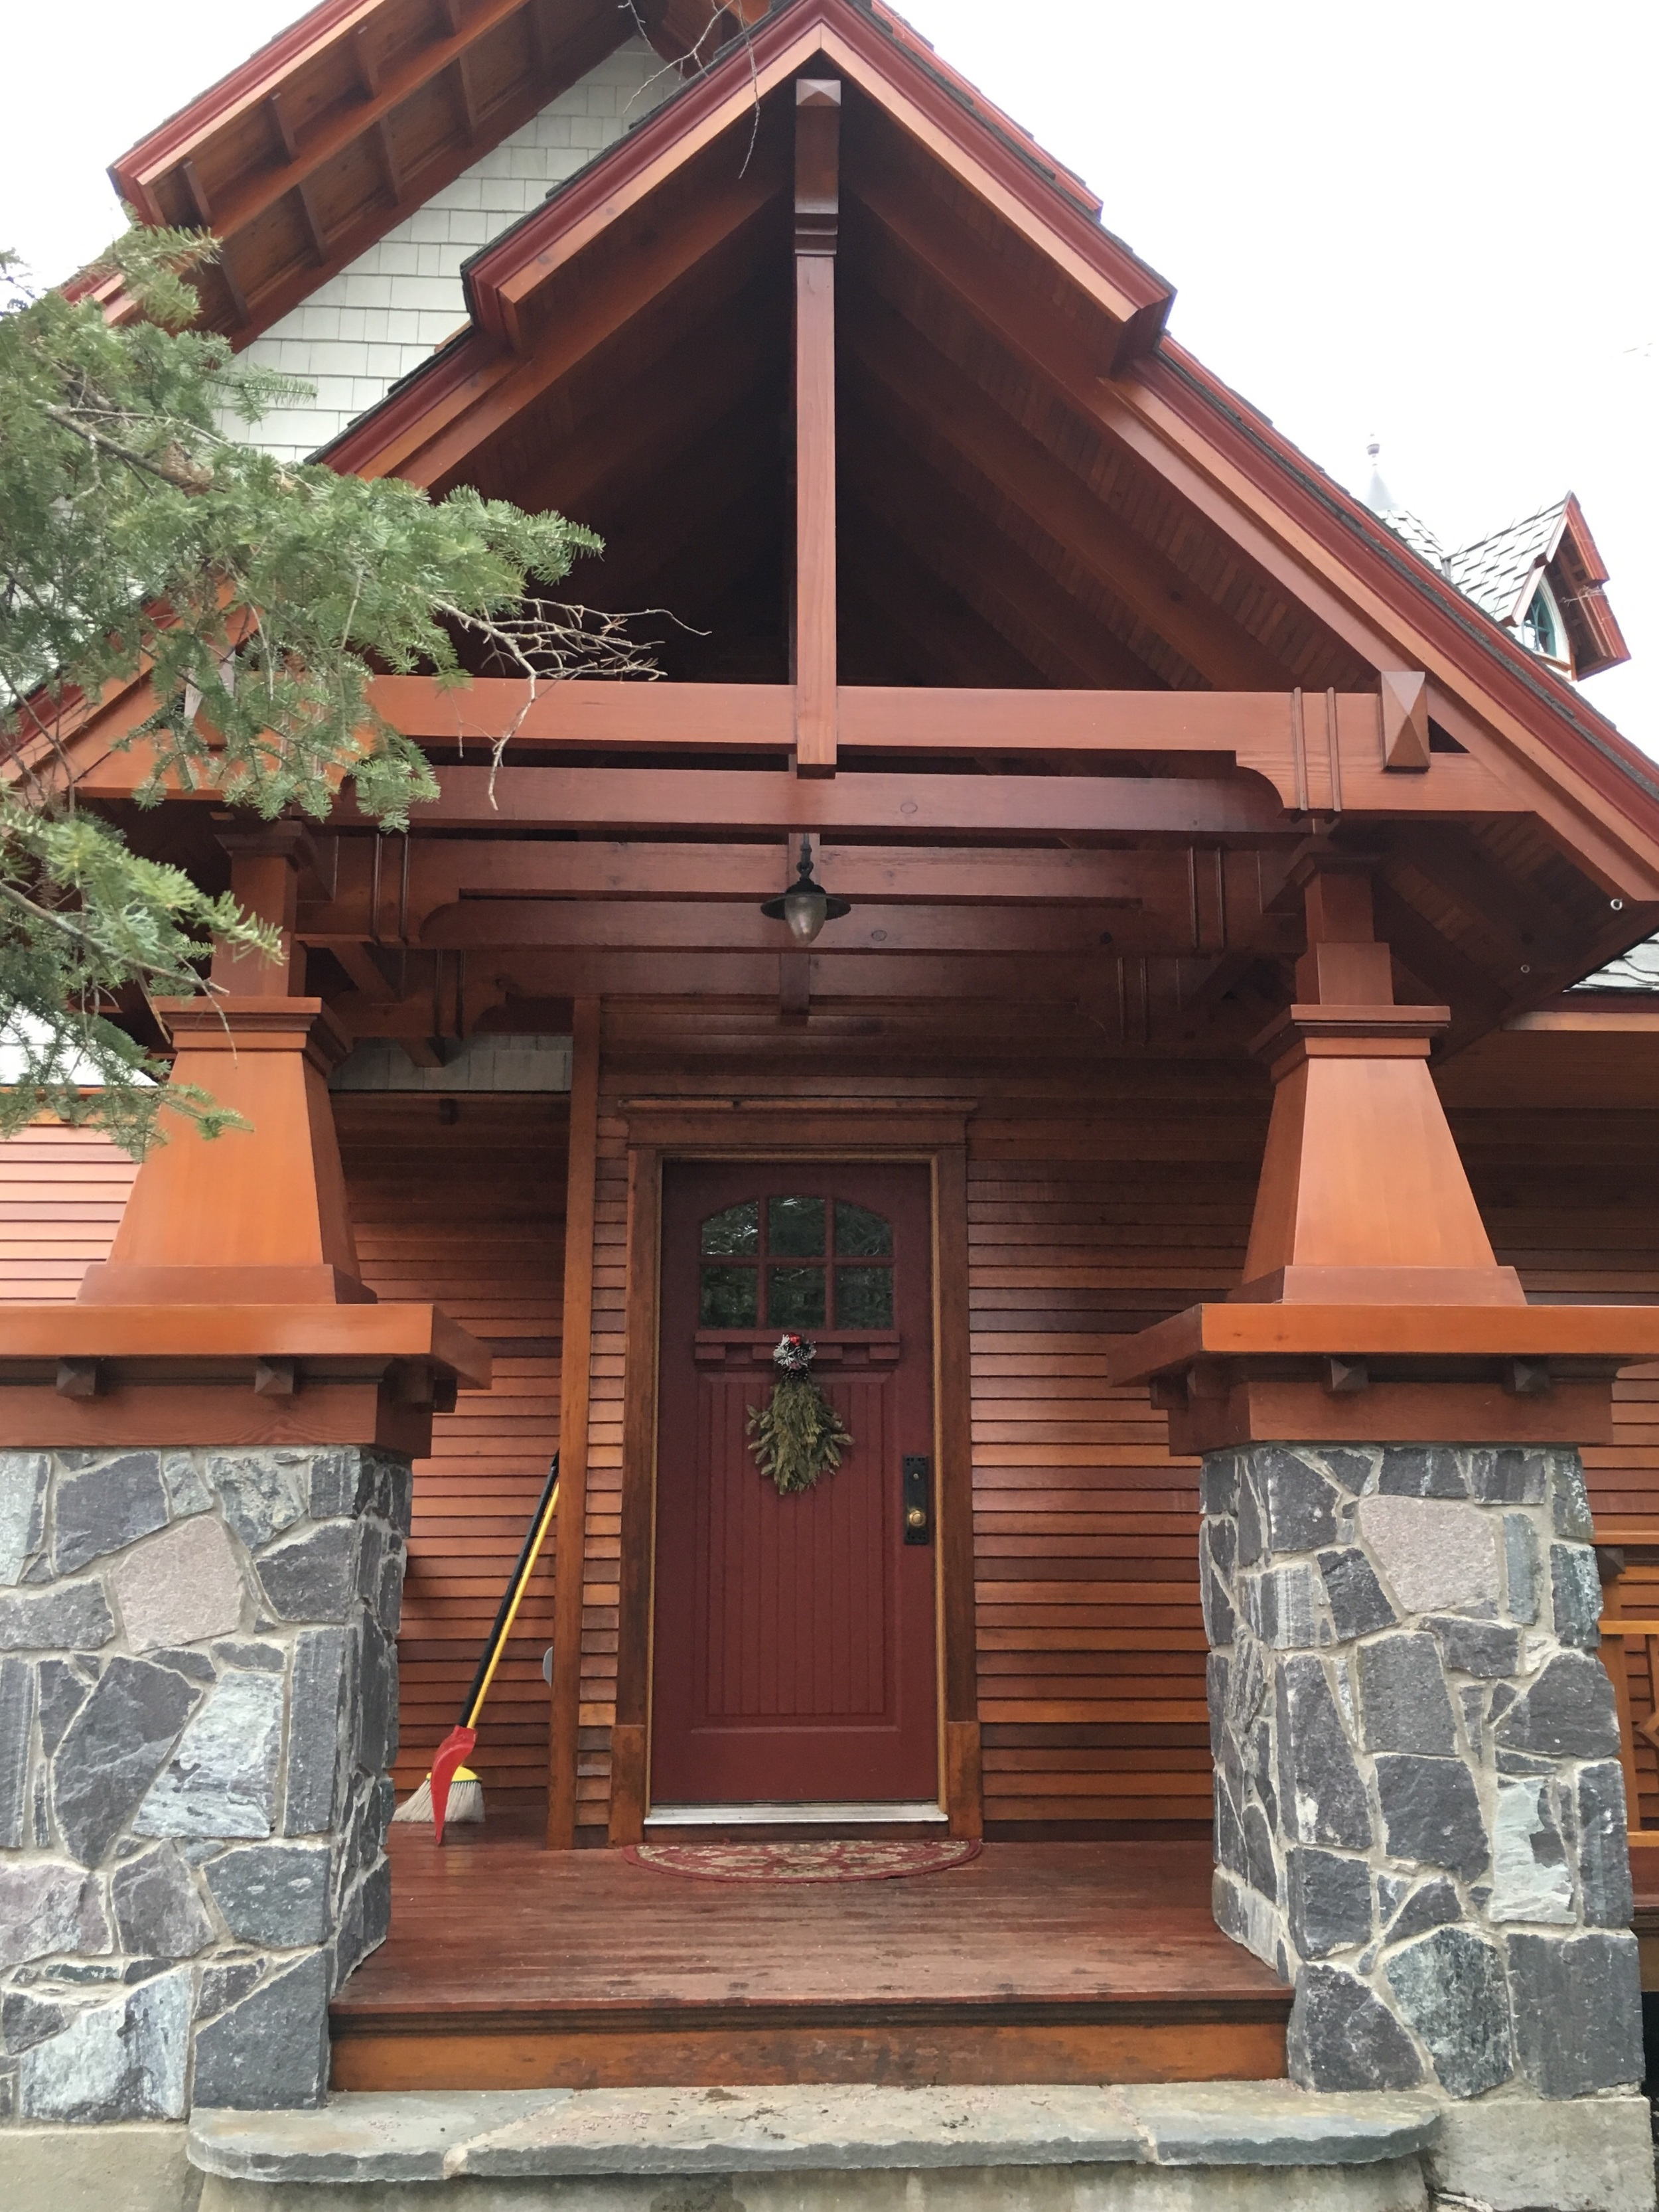 iPhone shot of the home's front door